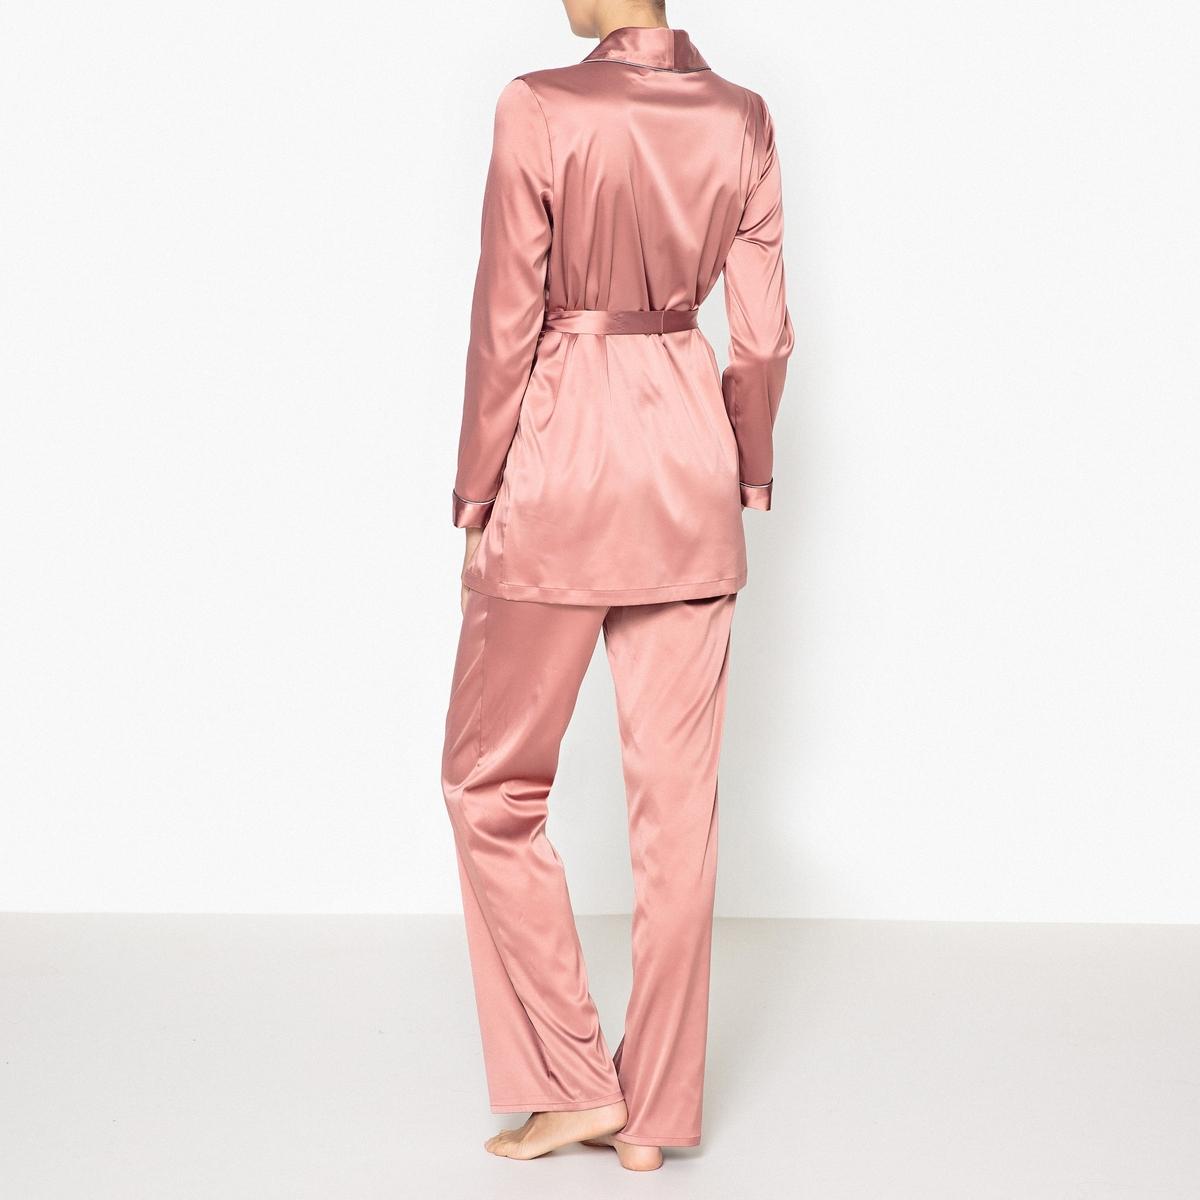 Пижама сатиноваяОчень женственная сатиновая пижама из струящегося материала в винтажном стиле идеальна для отдыха. Состав и описаниеПижама прямого покроя с длинными рукавами.Жакет с поясом, брюки на резинке.Материал :  96% полиэстера, 4% эластана. Длина: Верх : 72 см. Длина по внутр. шву: 76 смУход :Машинная стирка при 30 °С на деликатном режиме с вещами схожих цветов.Стирать и гладить при низкой температуре с изнаночной стороны.Машинная сушка запрещена.<br><br>Цвет: темно-розовый